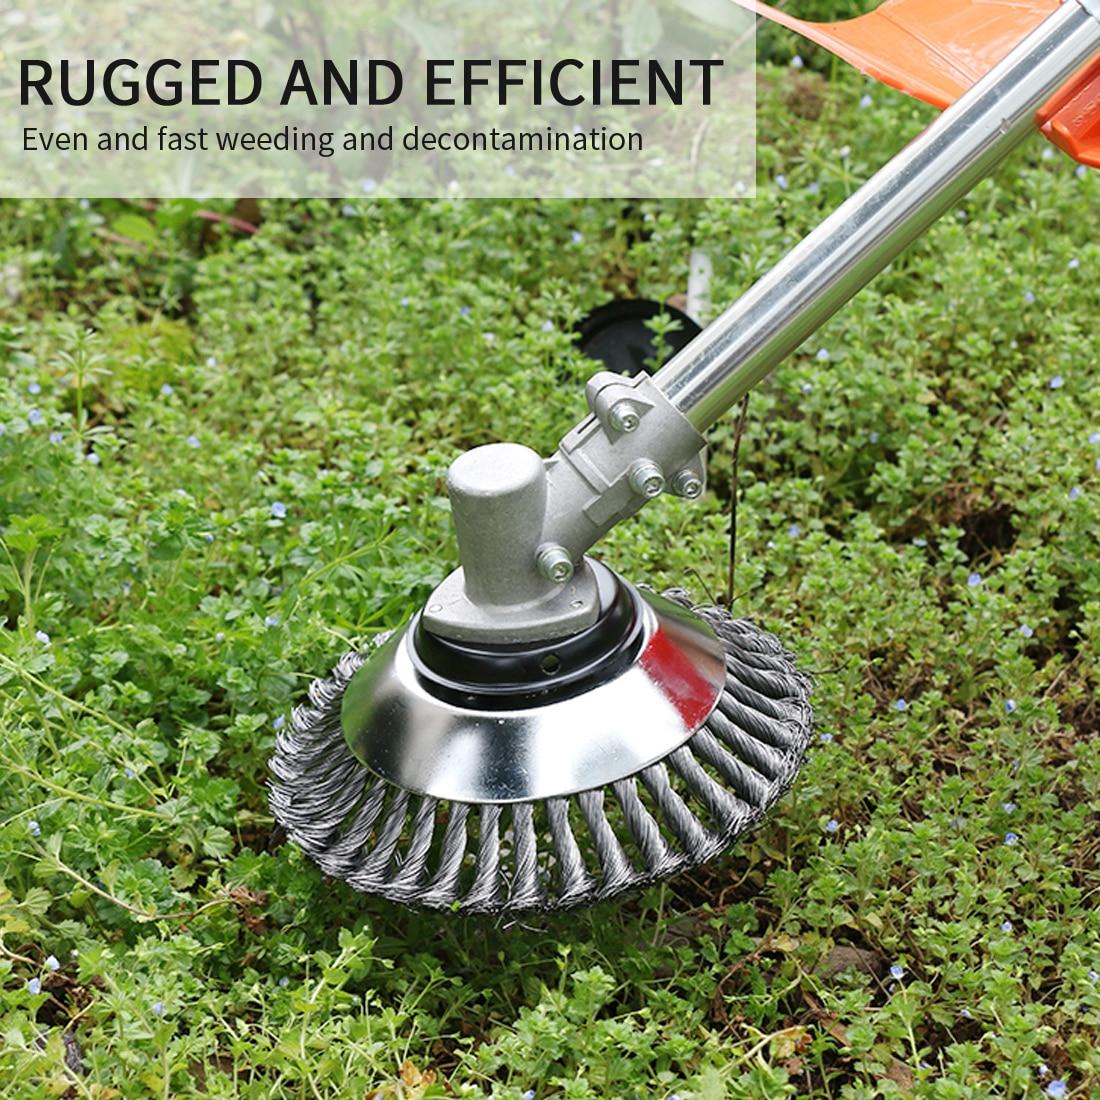 Садово-огородный инструмент, кисточки для подноса с металлическим лезвием для стрижки травы и удаления ржавчины, 150 мм/200 мм